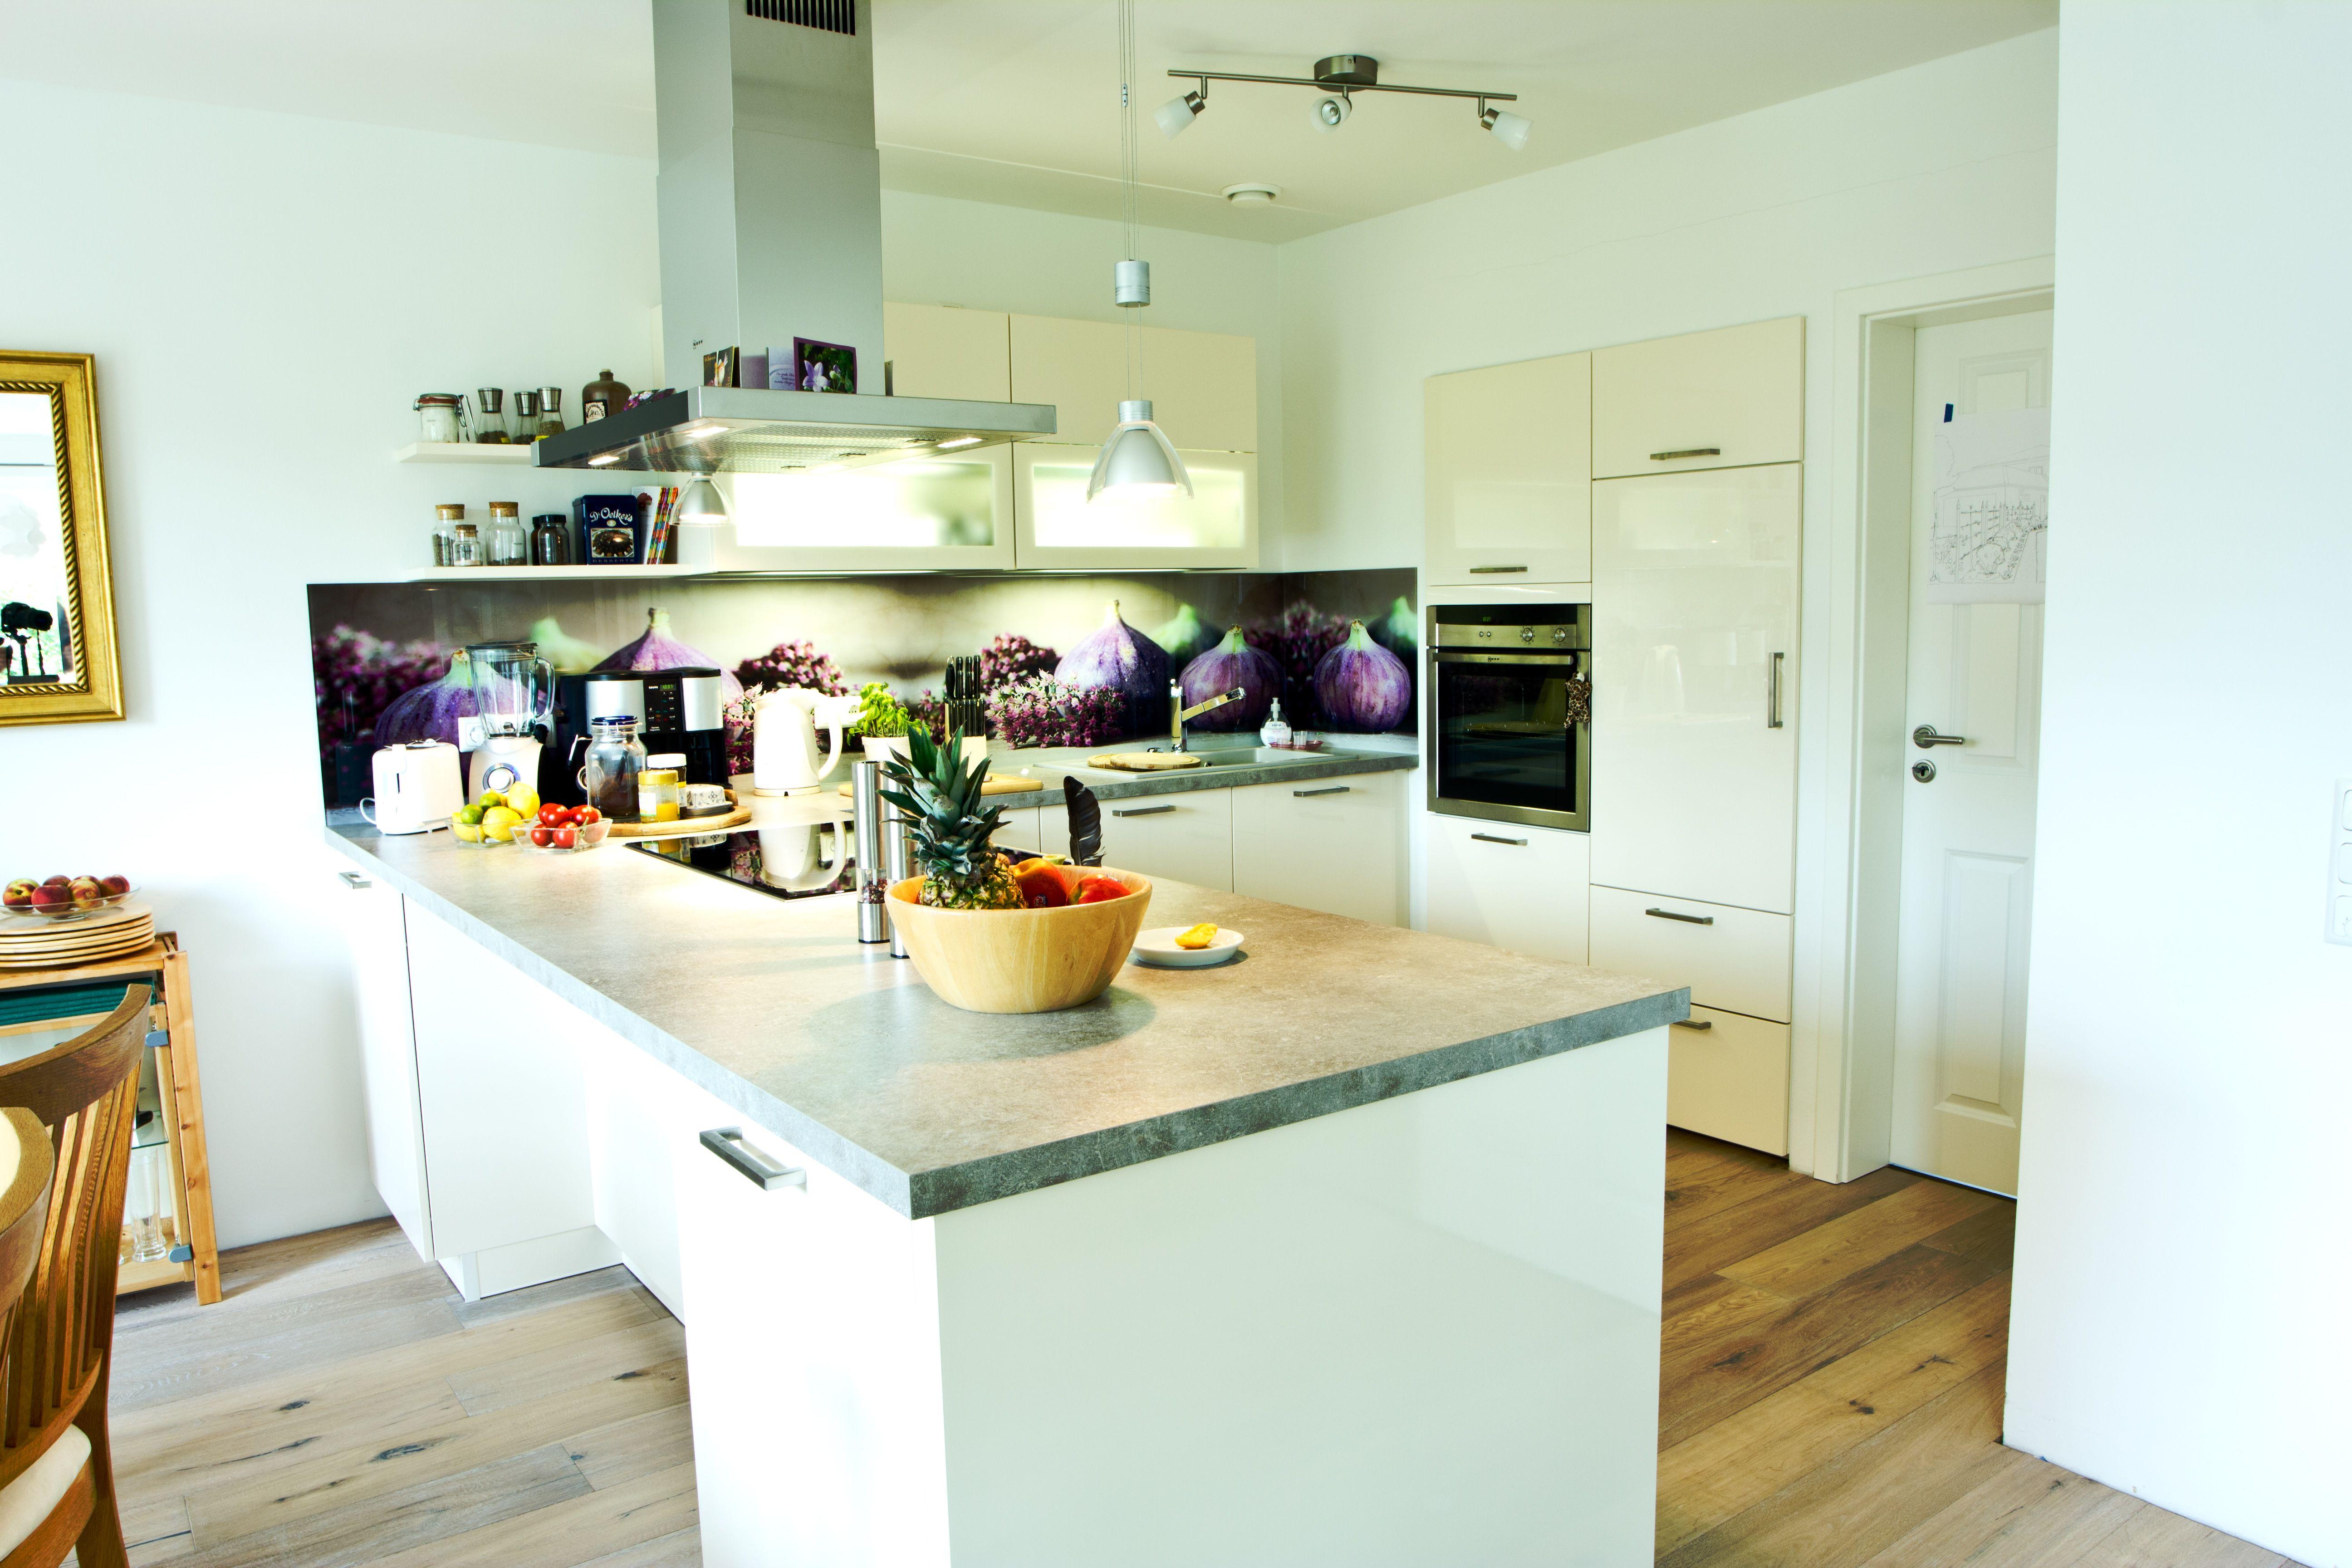 Nett Kücheneinheit Mit Belfast Sink Bilder - Ideen Für Die Küche ...